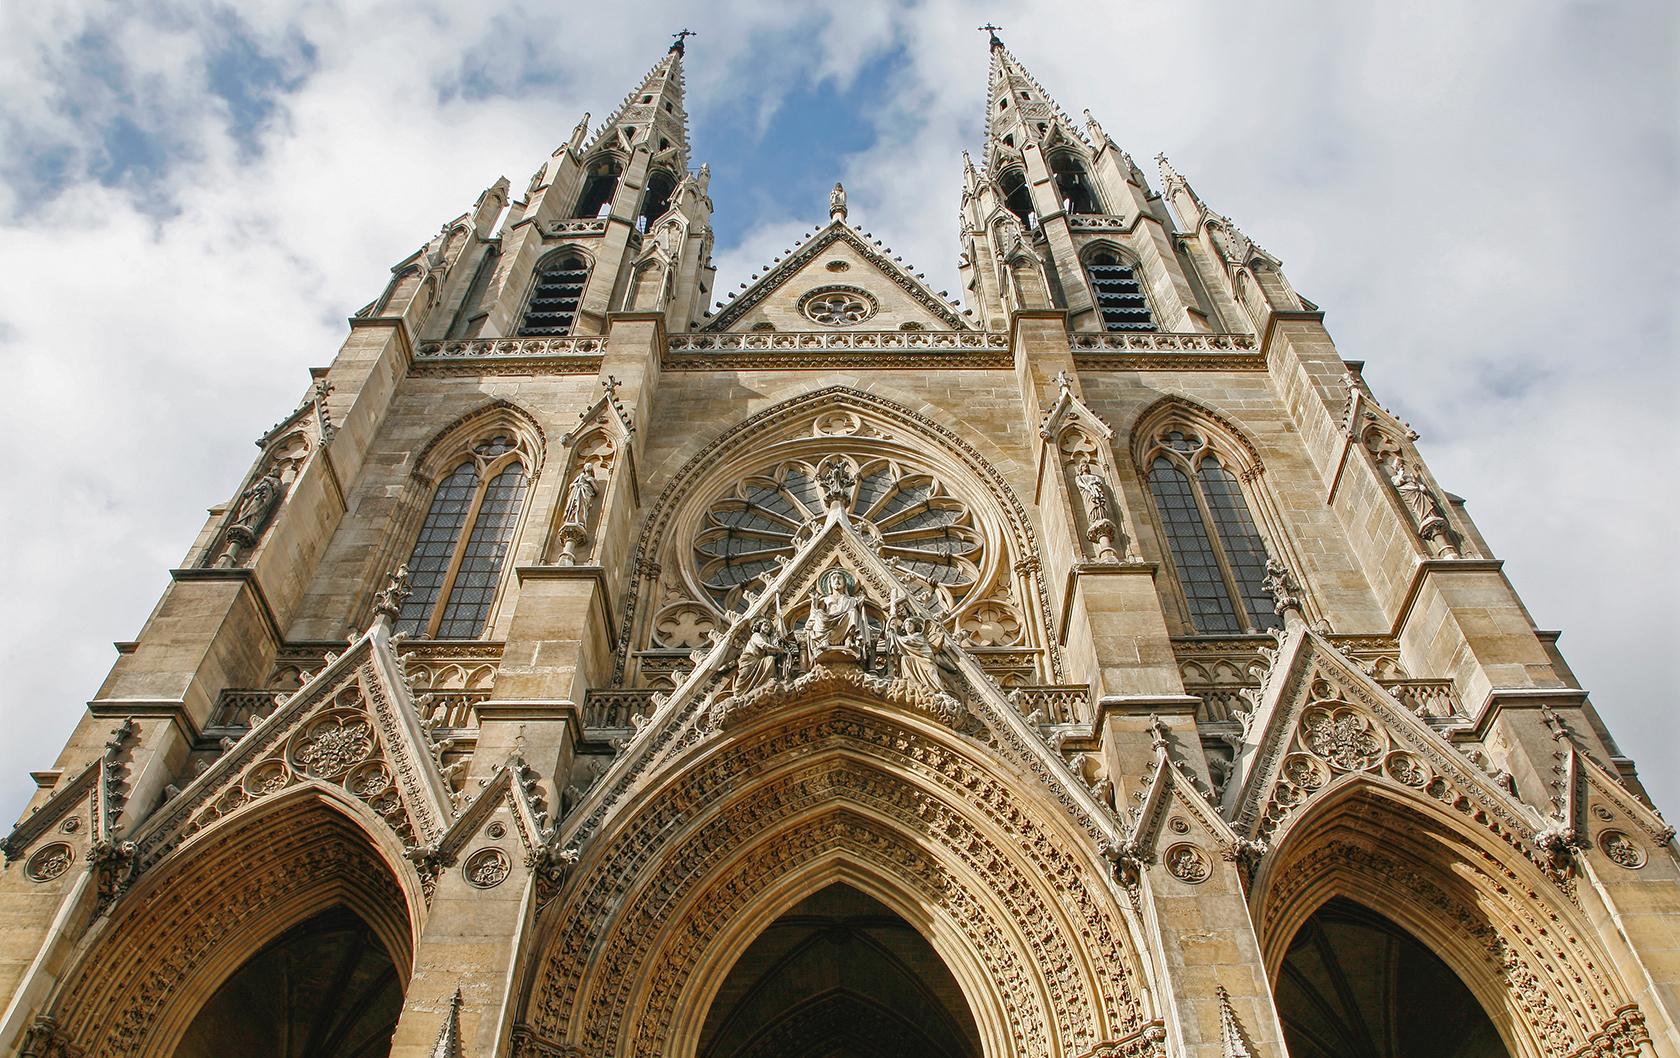 Sainte Clotilde Basilica in Paris